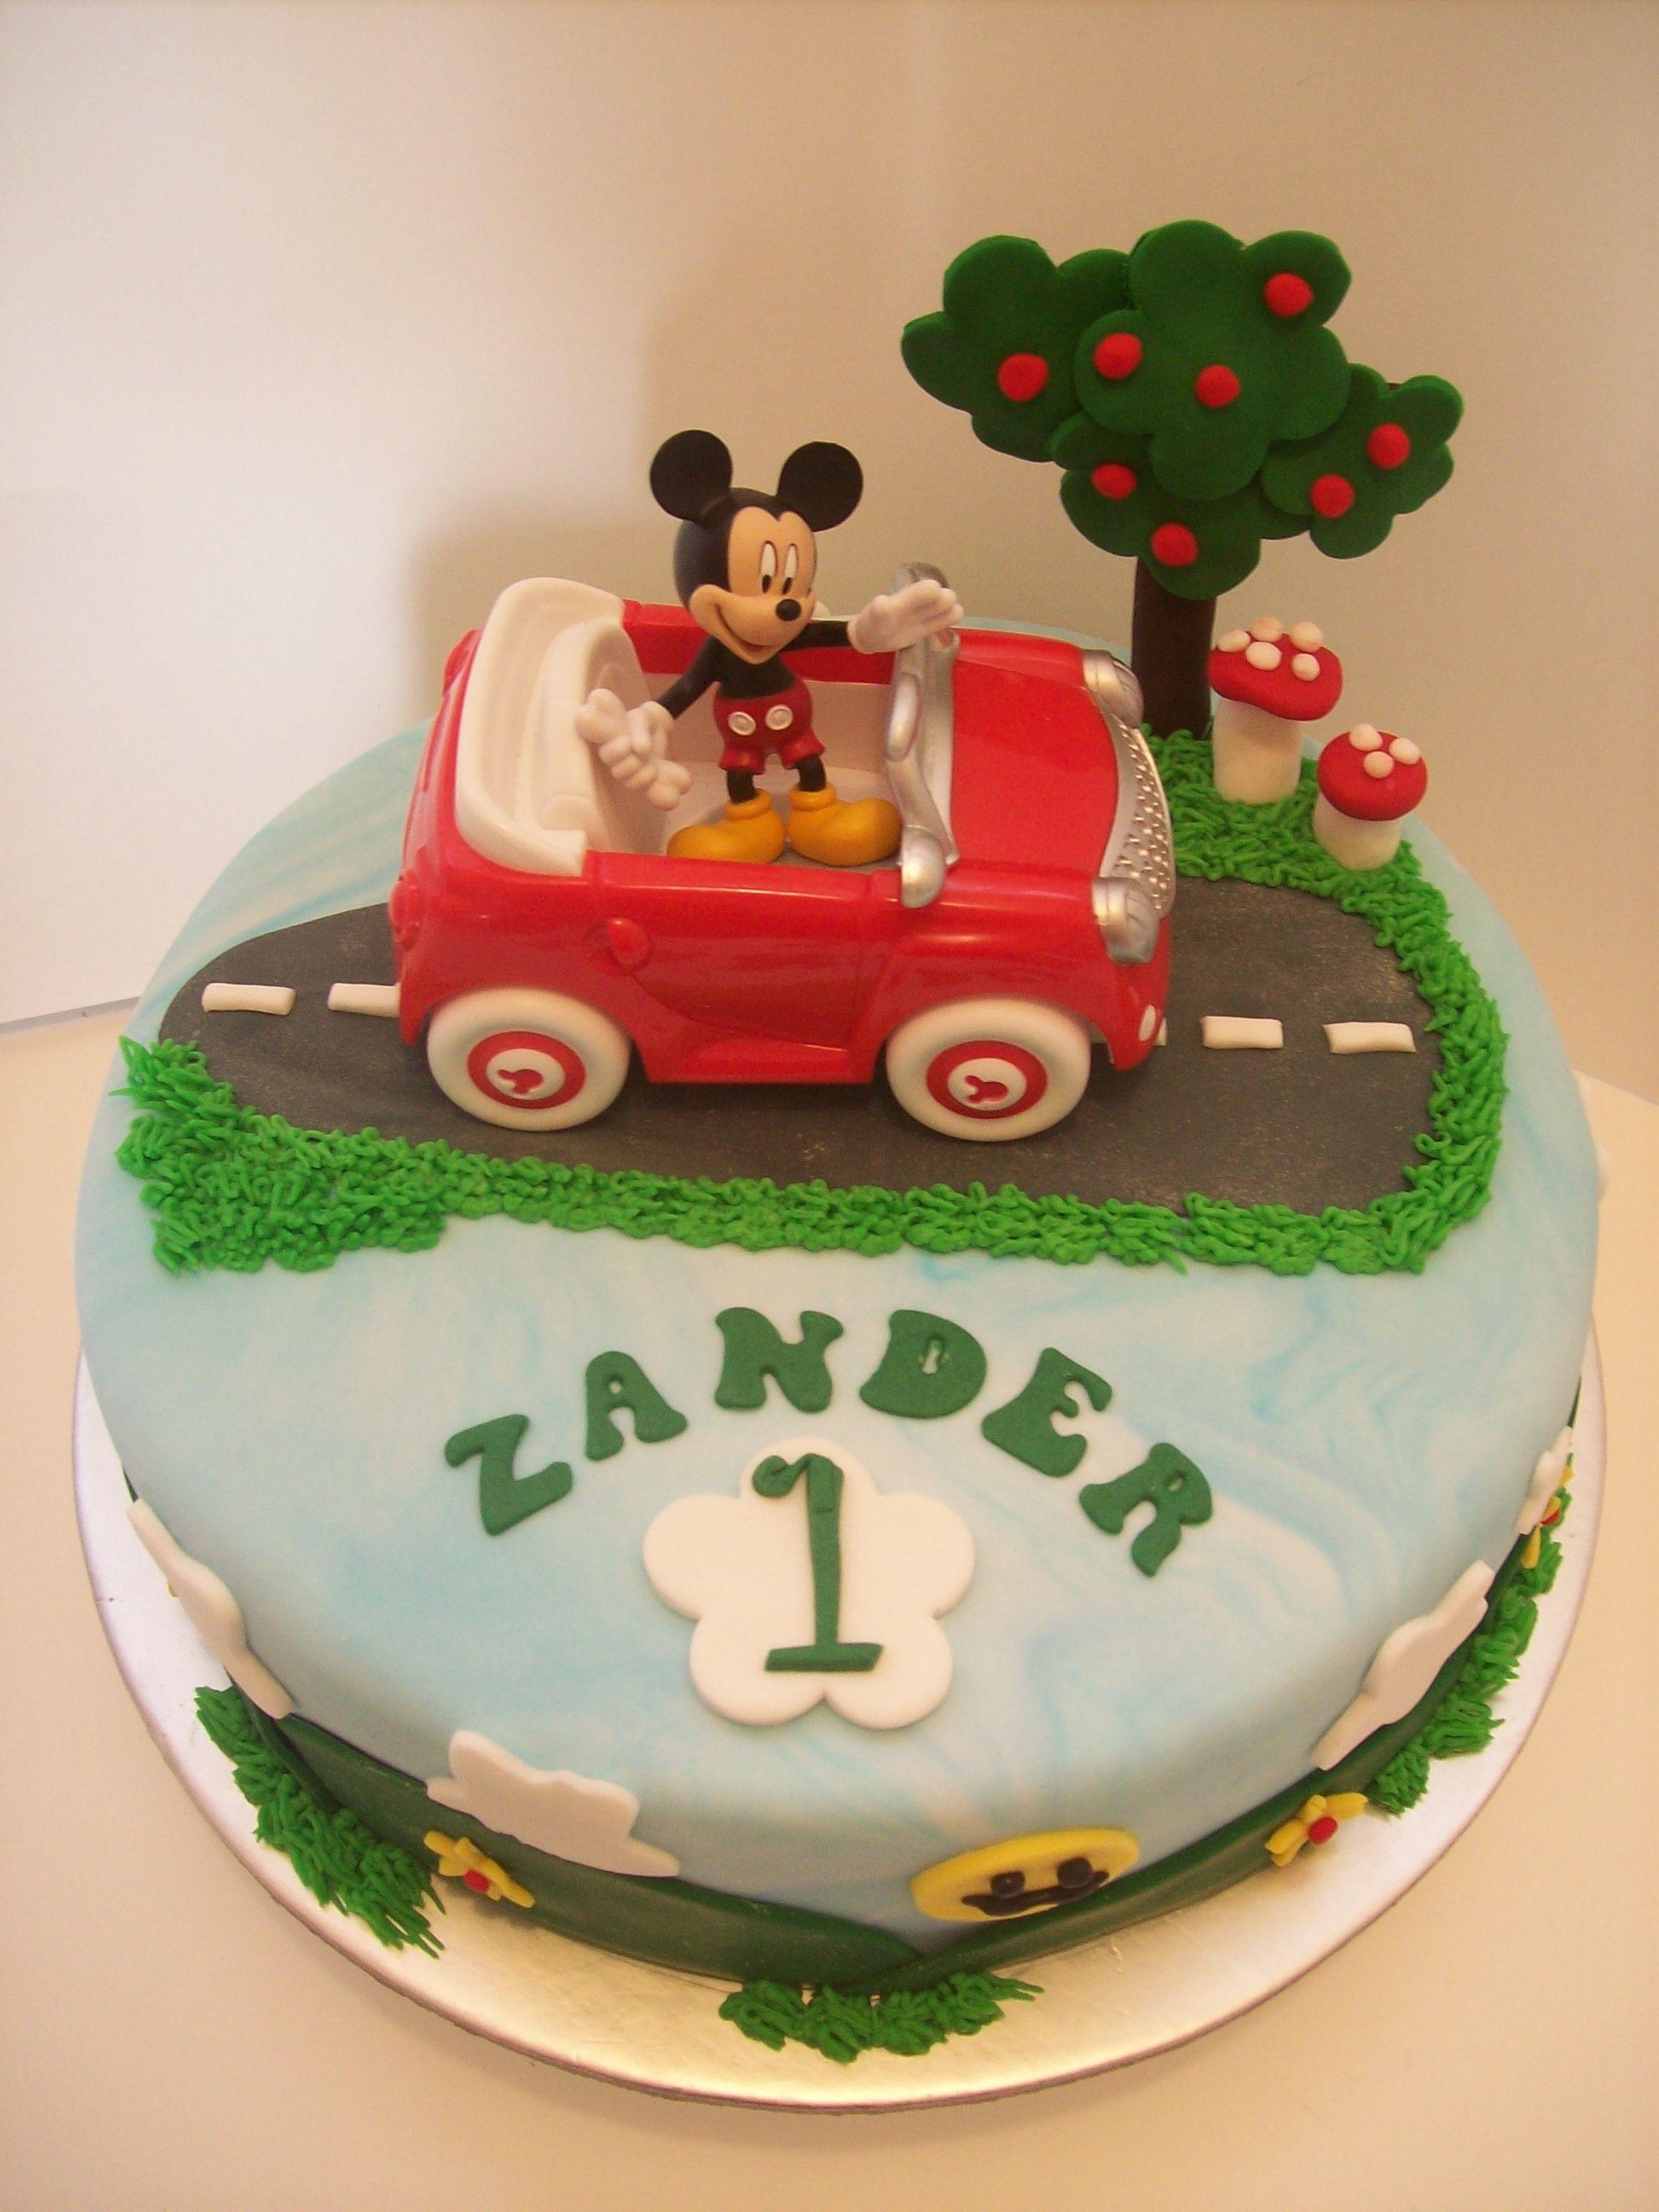 Mickey mouse cake180 mickey cakes cake minnie cake